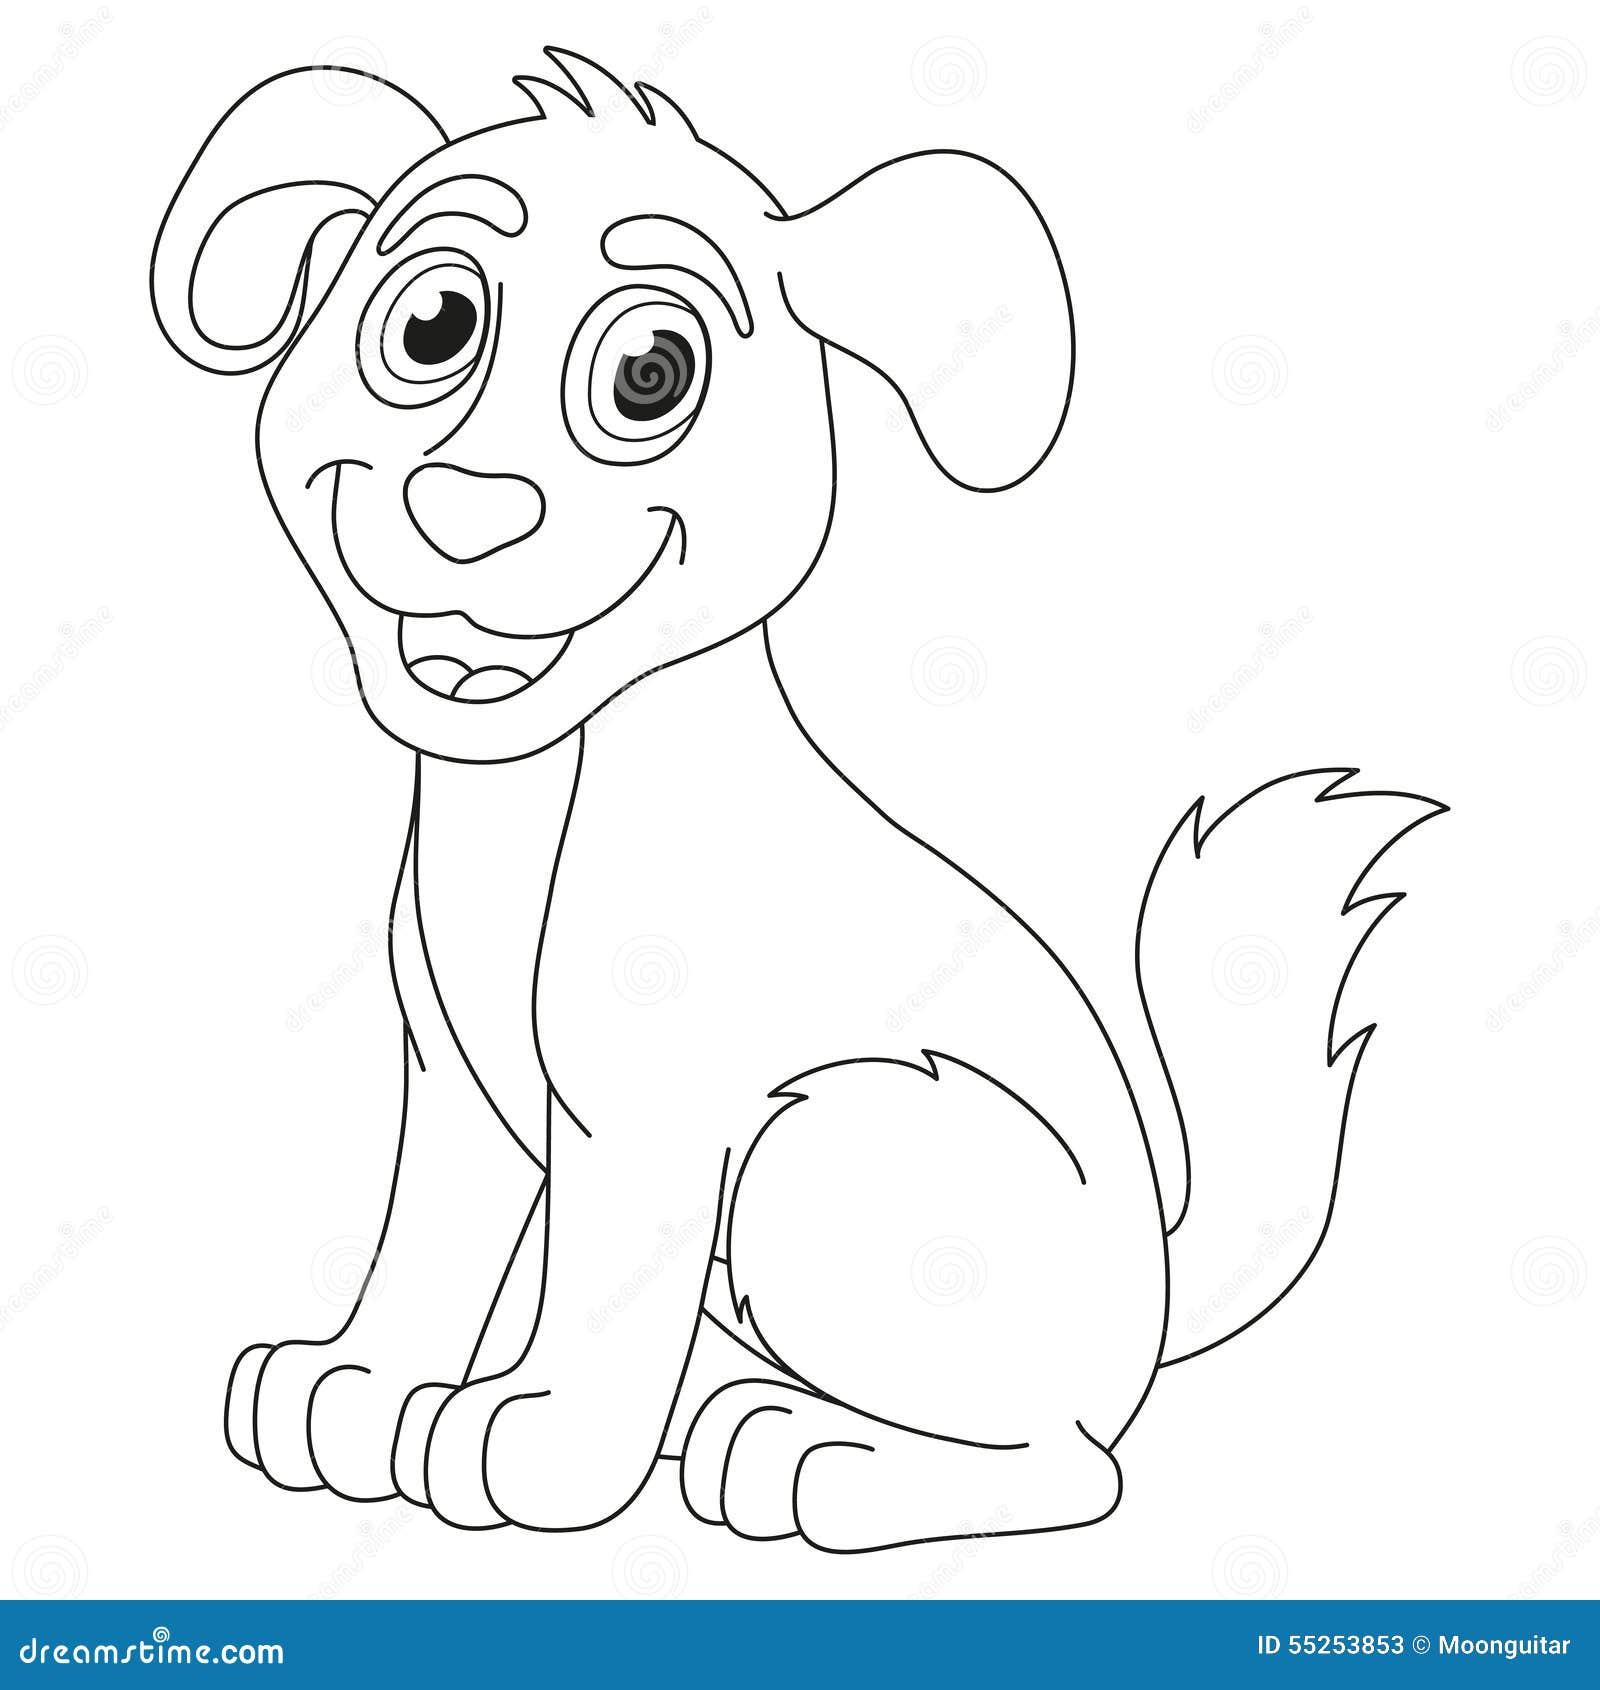 Cartoon Puppy Vector Illustration Of Cute Dog